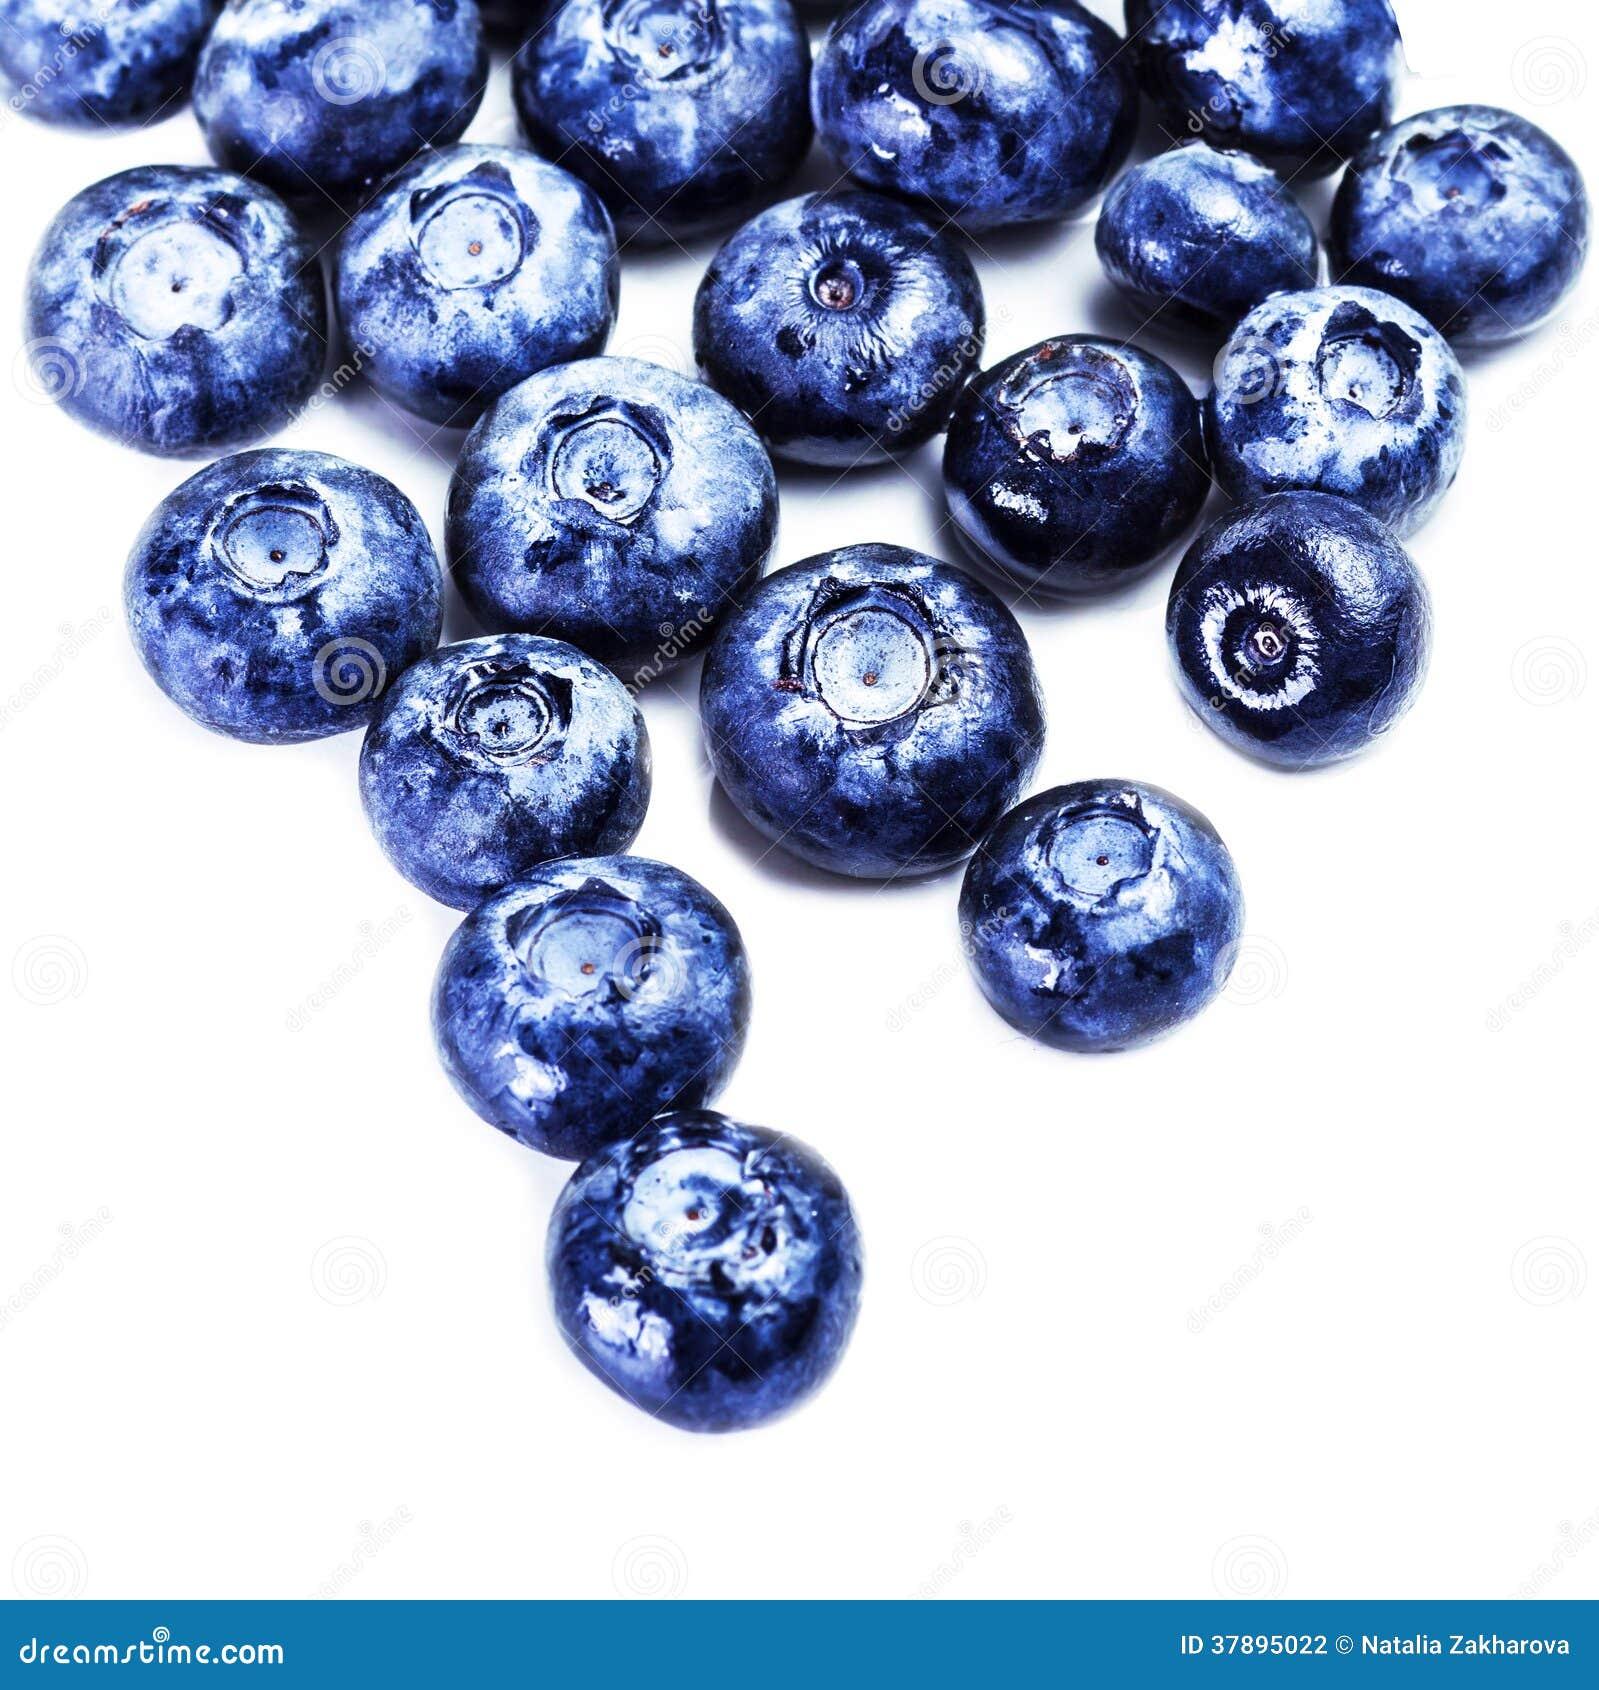 Blaubeeren oben lokalisiert auf weißem Hintergrundabschluß. Gruppe fres